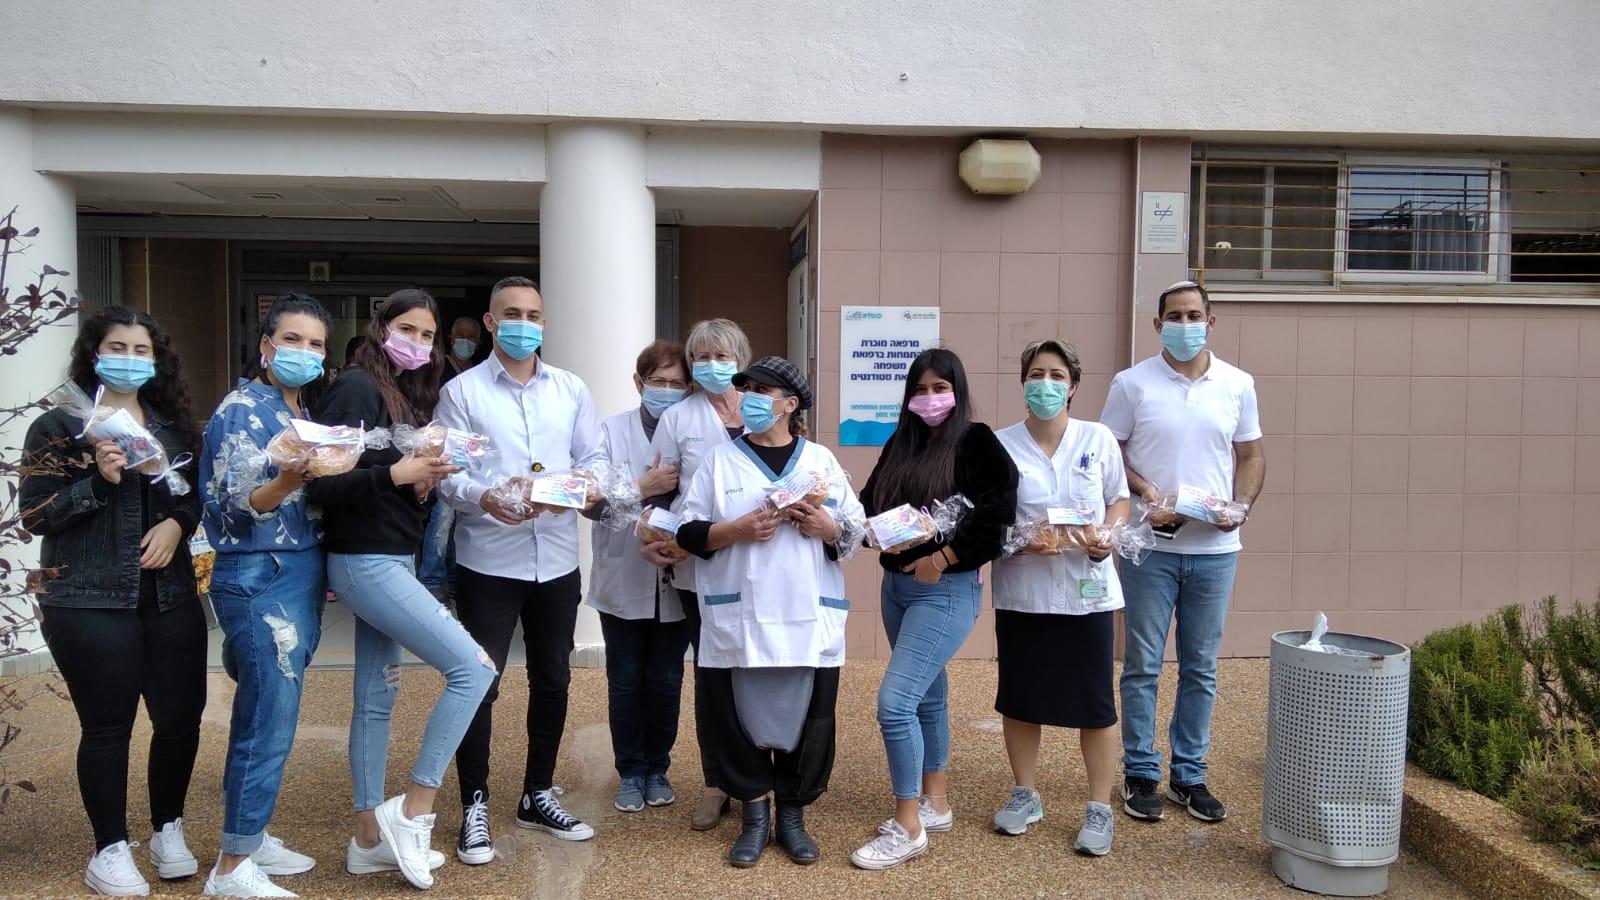 תודה מיוחדת מהתלמידים לצוותים הרפואיים